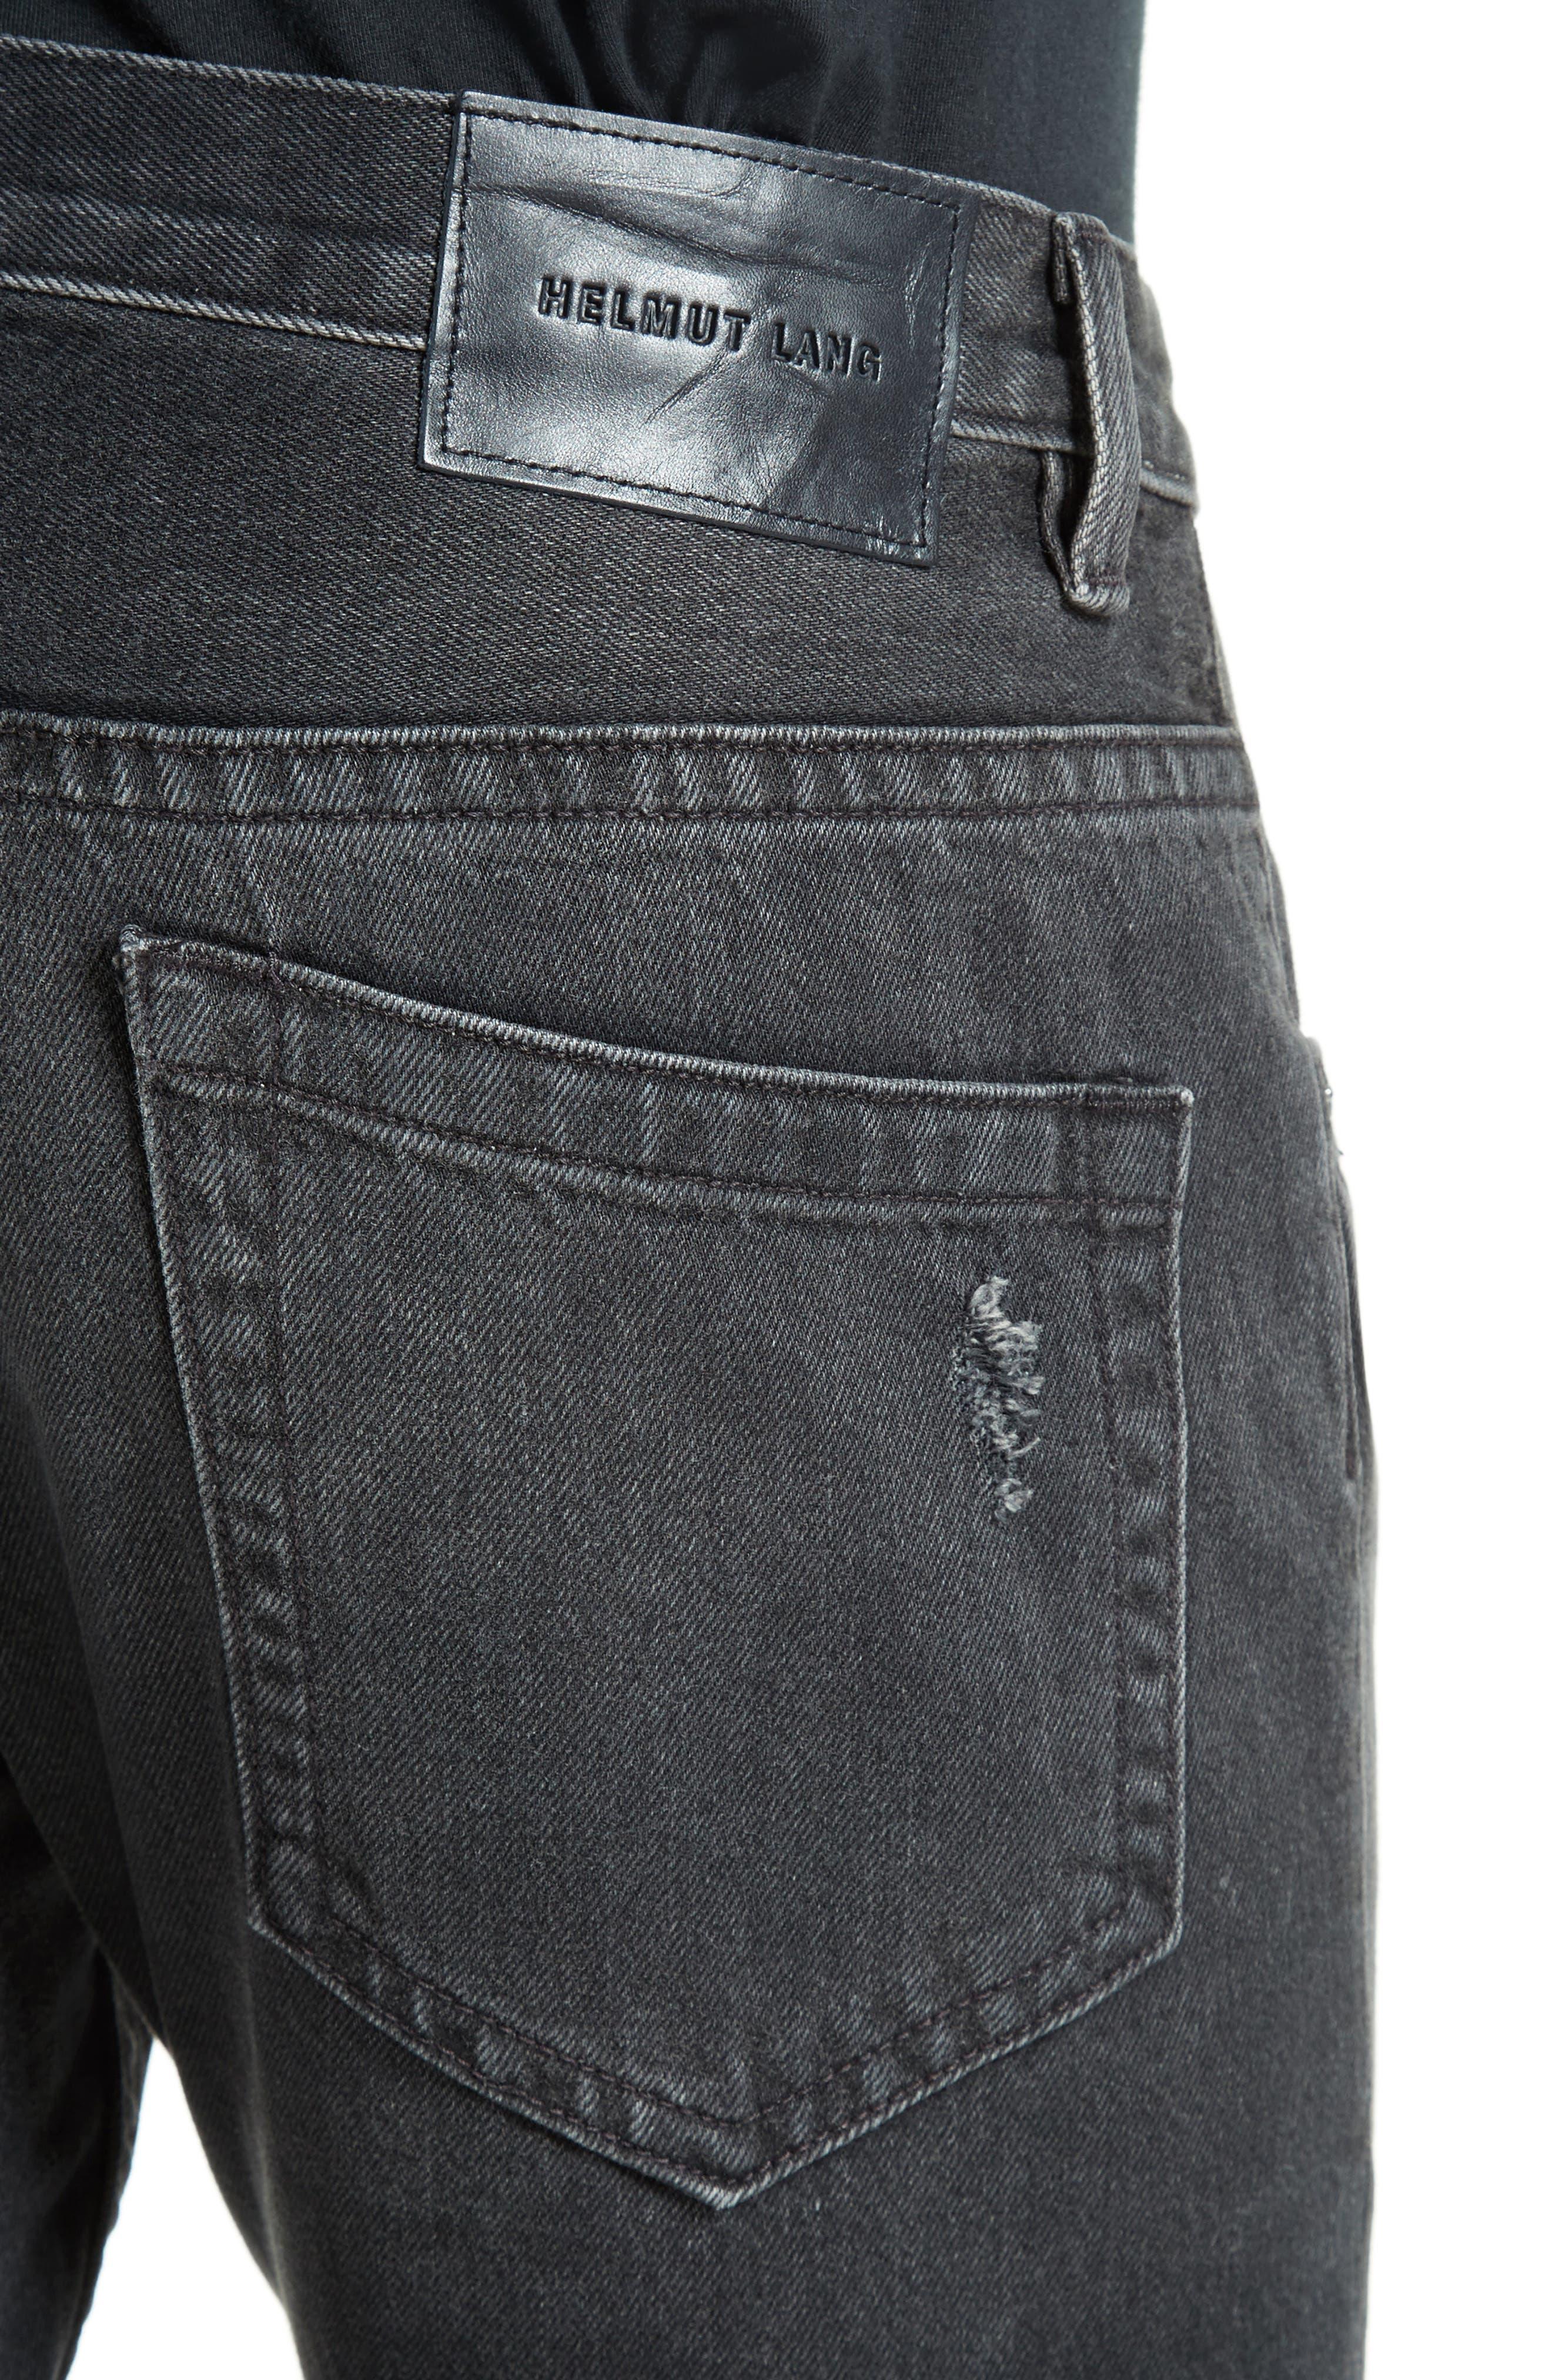 MR87 Destroyed Jeans,                             Alternate thumbnail 4, color,                             Black